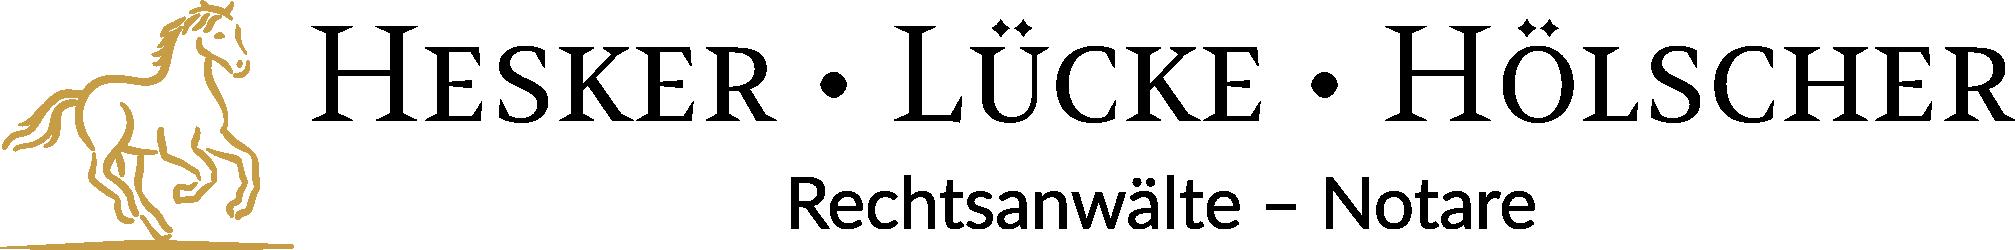 Logo-quer Hesker • Lücke • Hölscher | Rechtsanwälte - Notare